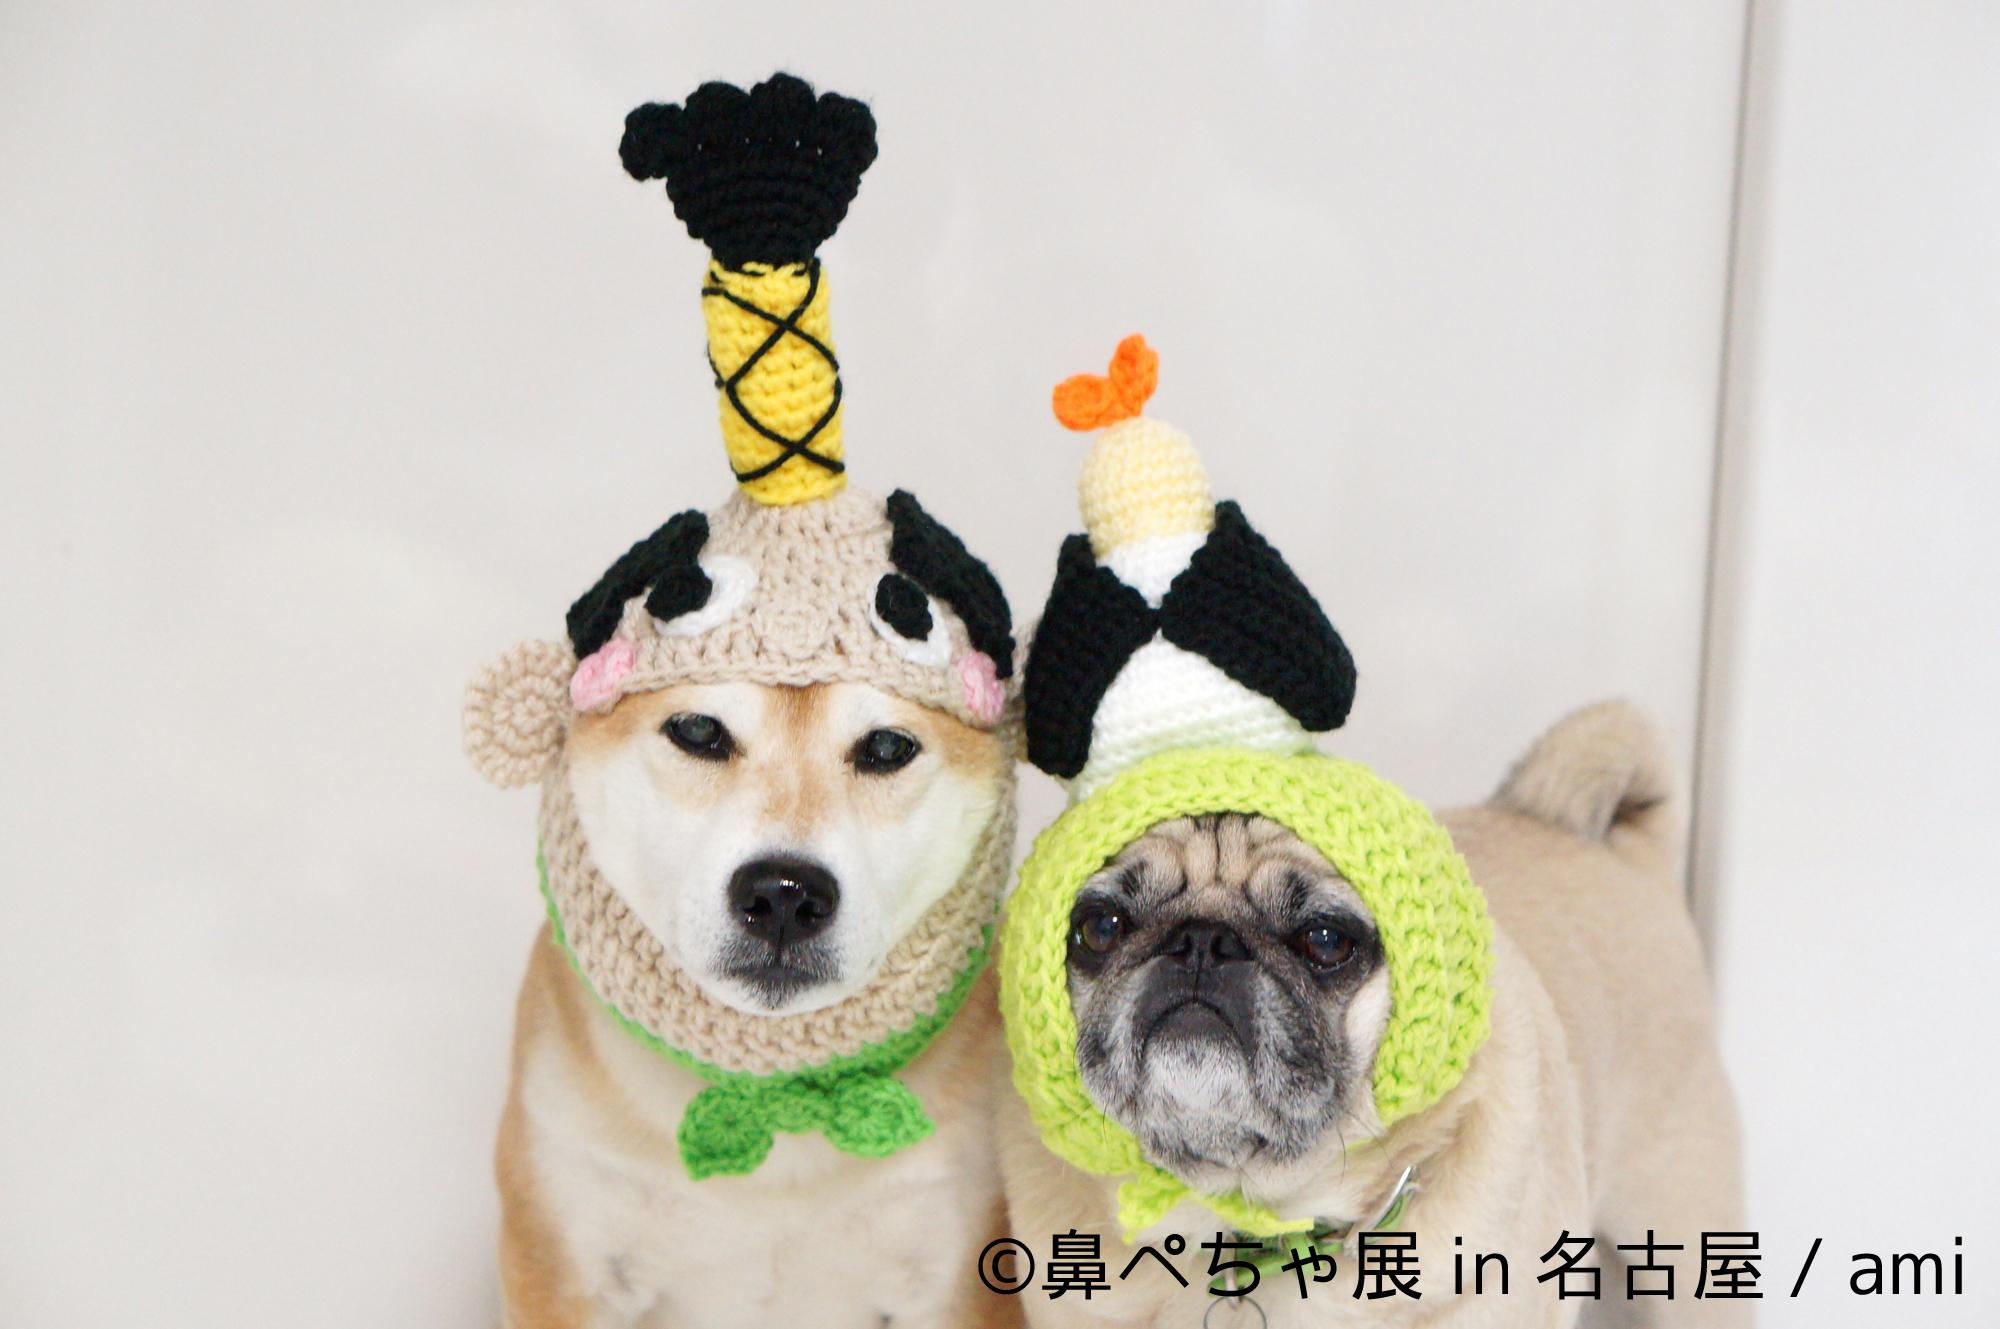 鼻ぺちゃ犬が名古屋に大集合!!来場者数2万人突破の写真展企画が開催決定!